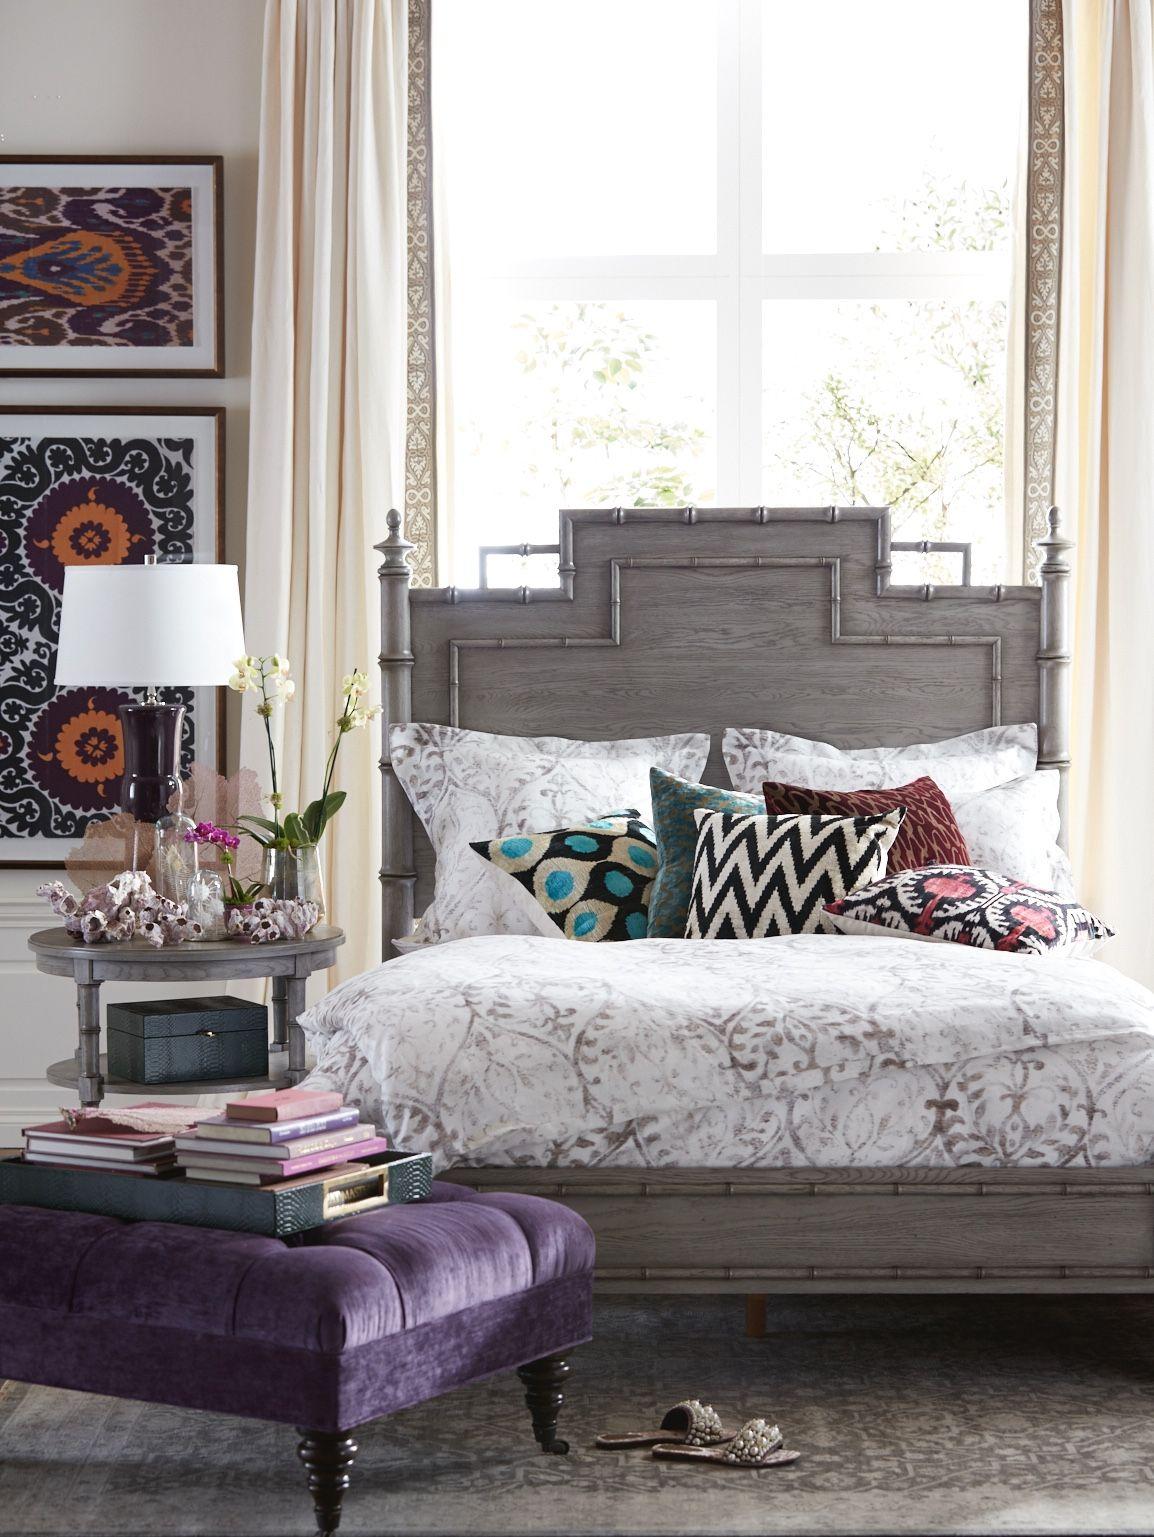 60 Ethan Allen Bedrooms Ideas Ethan Allen Bedroom Bedroom Inspirations Bedroom Decor